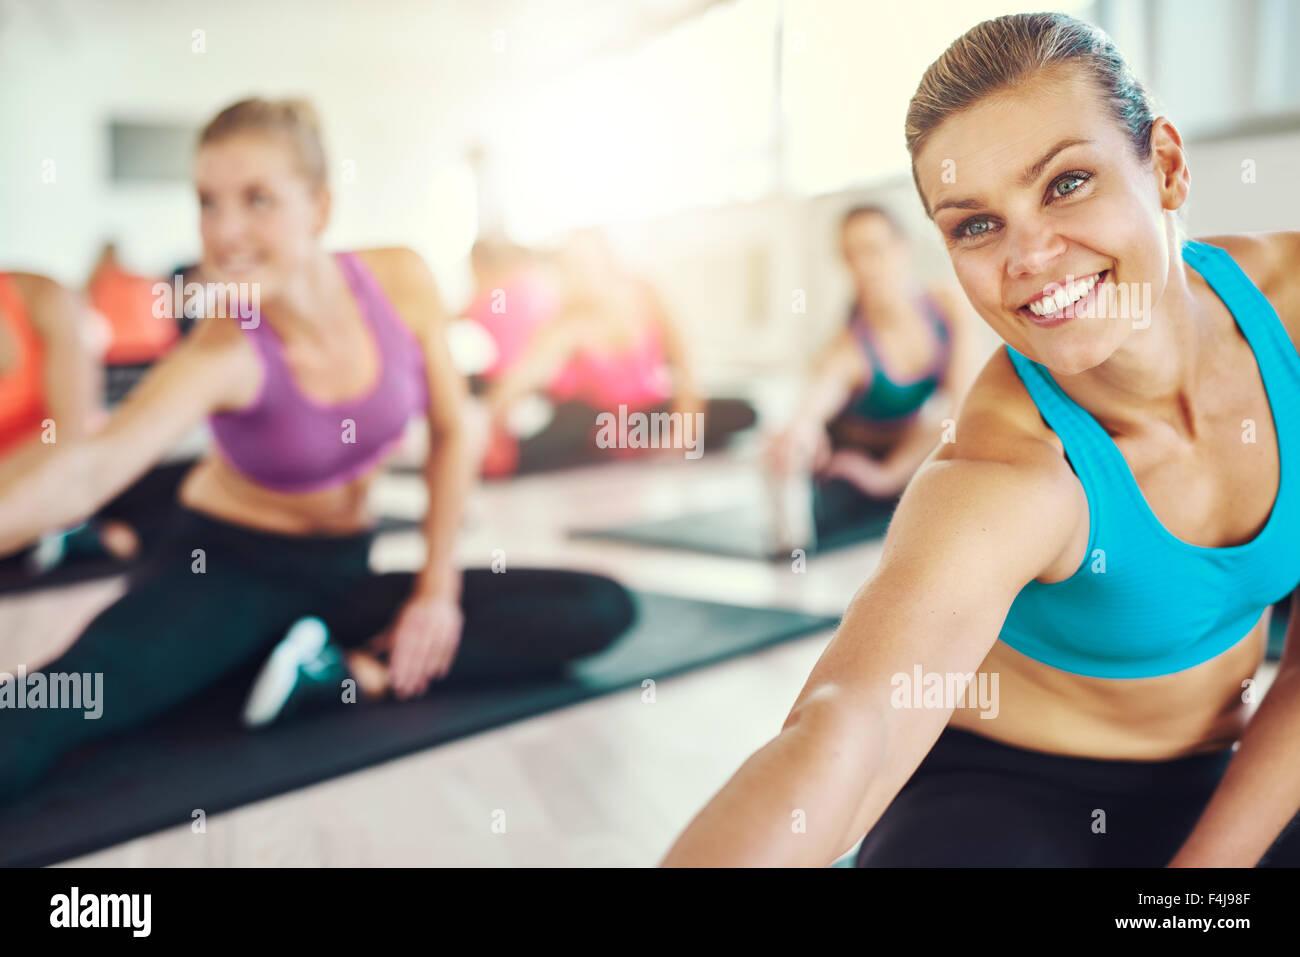 Montare e donna sana in una lezione di fitness, colorato sportswear, fitness, aerobica, sport concept Immagini Stock